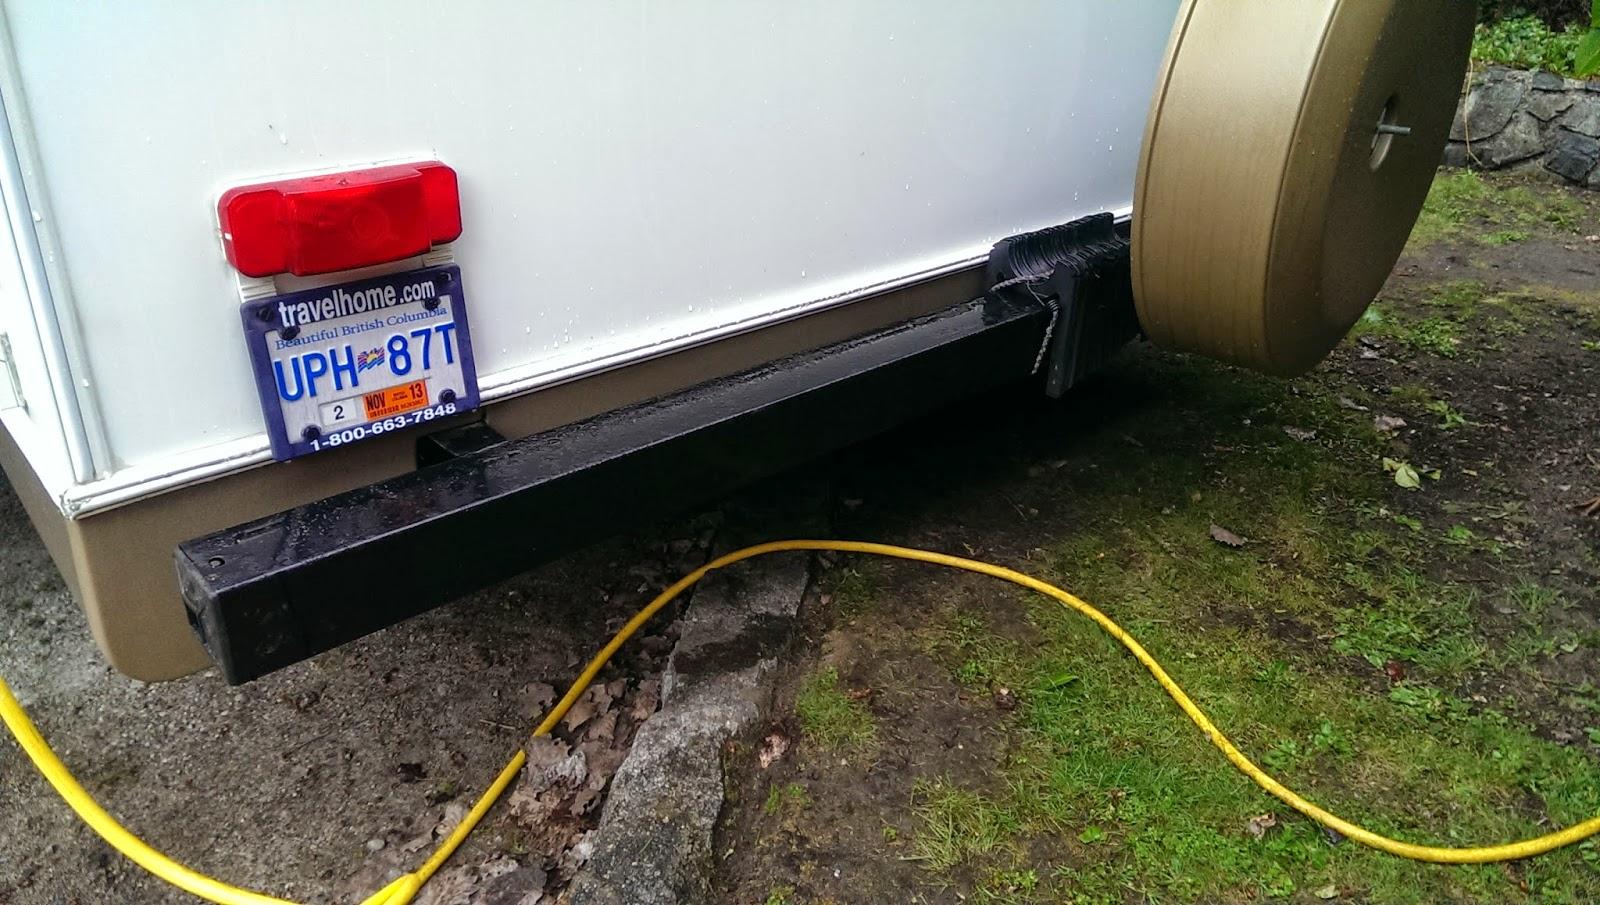 Original bumper